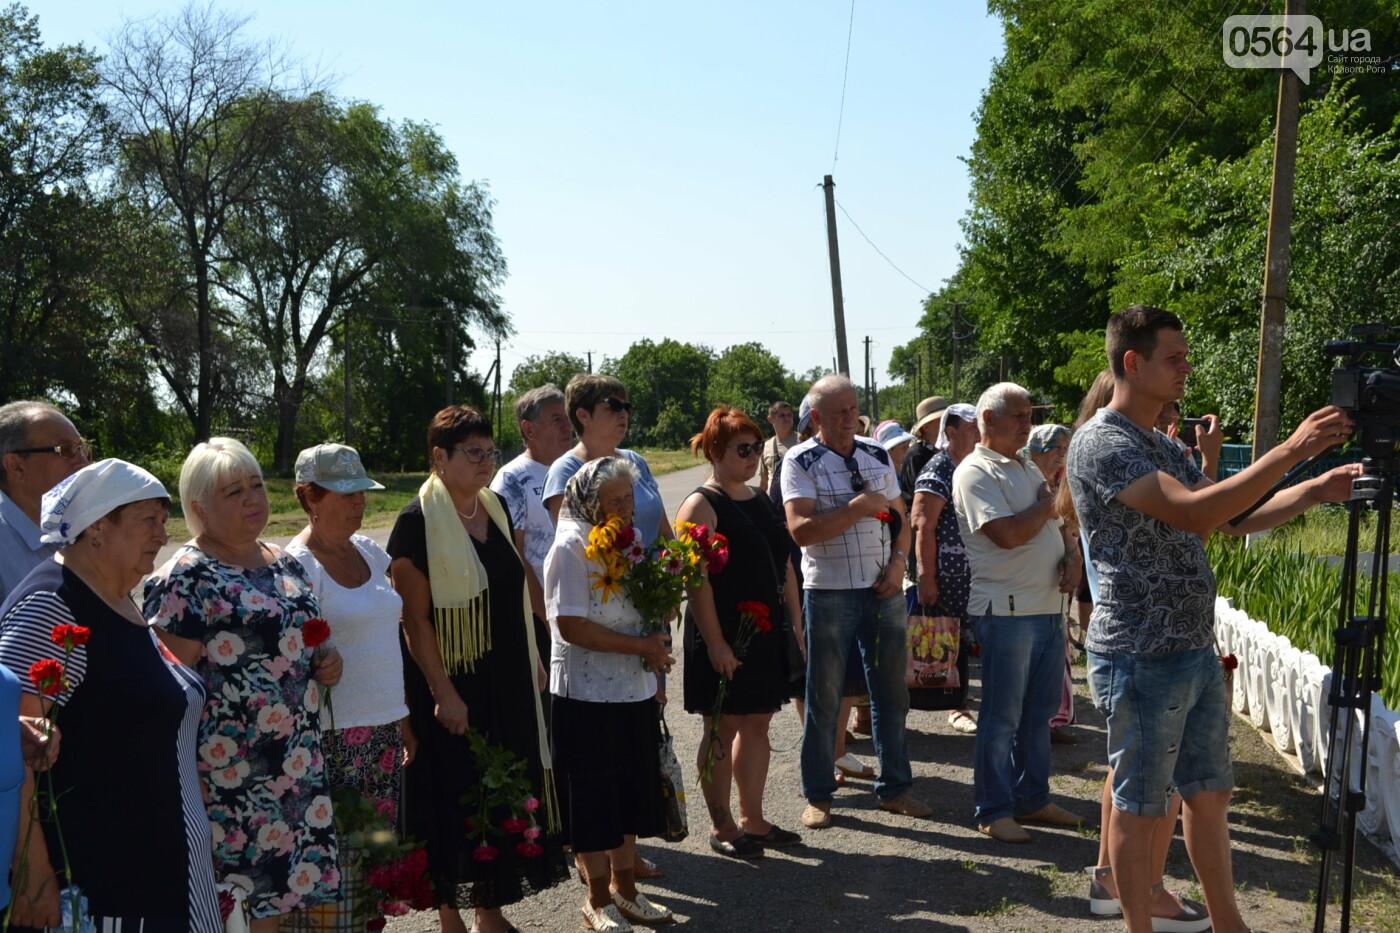 Вечная память! На Криворожье торжественно захоронили останки 43 воинов Второй мировой, - ФОТО, ВИДЕО, фото-15